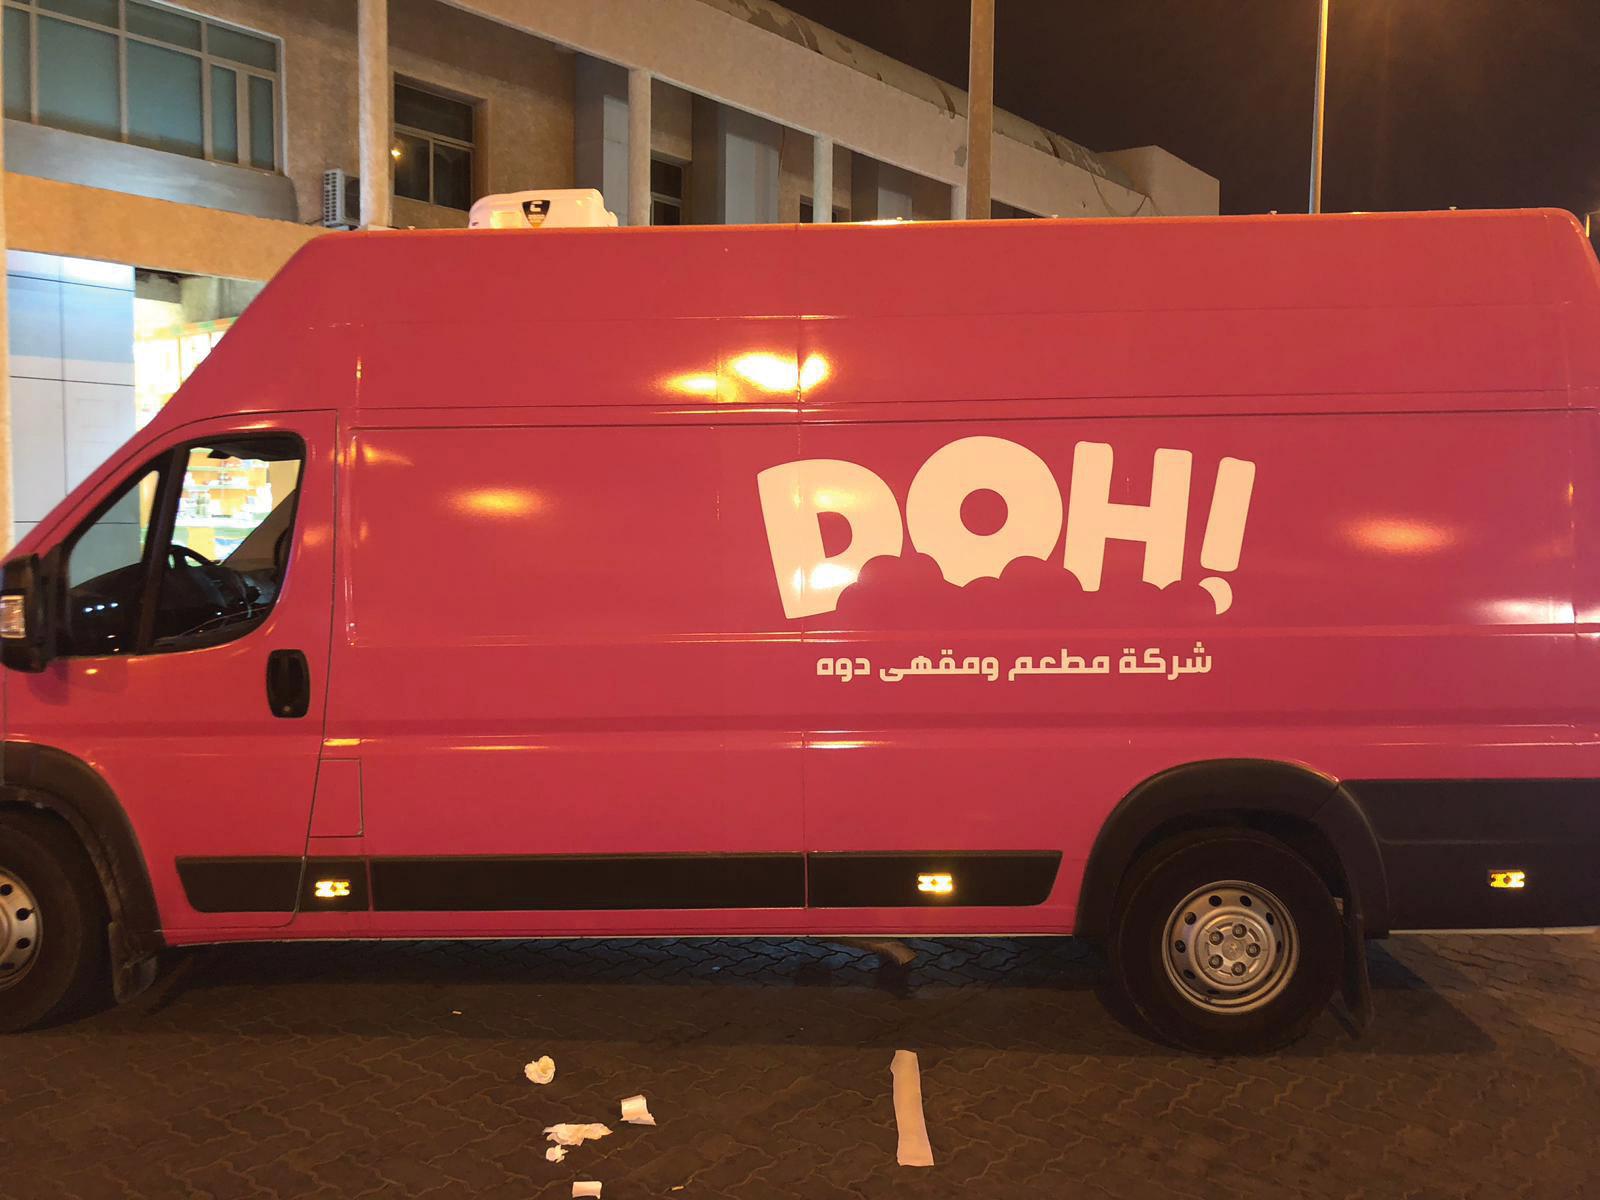 inkservice-ourwork-Dohi-2-kuwait